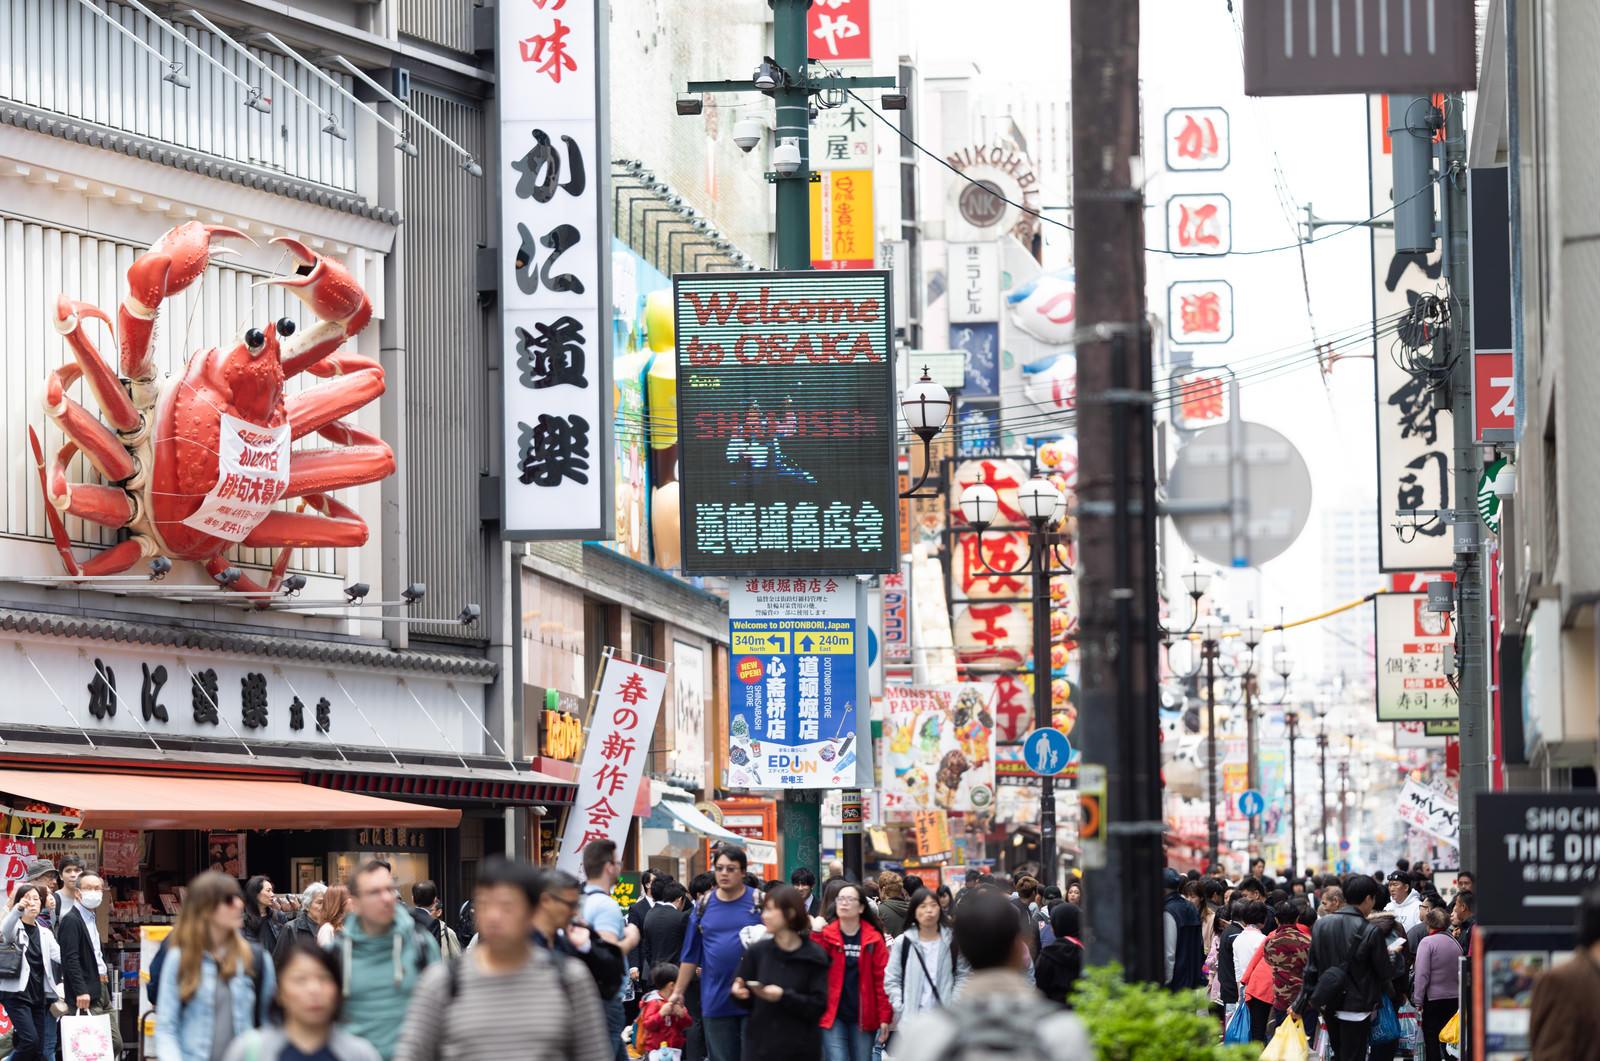 「人で溢れる道頓堀商店街」の写真